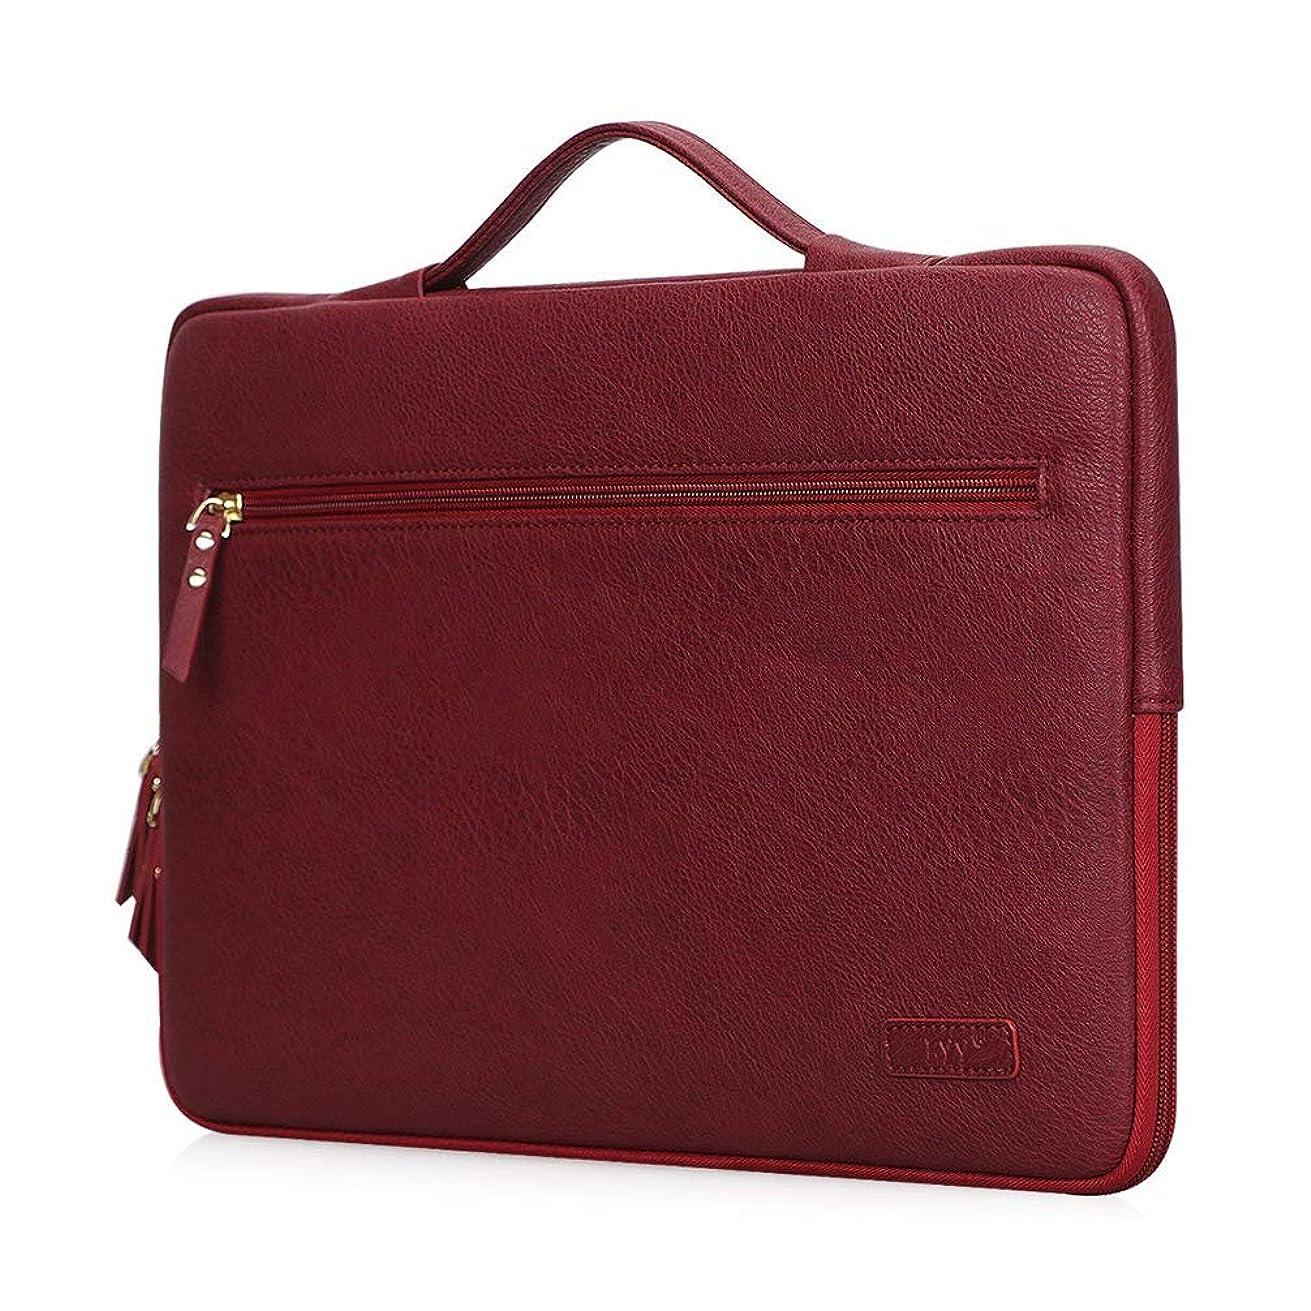 FYY Laptop Bag for 14